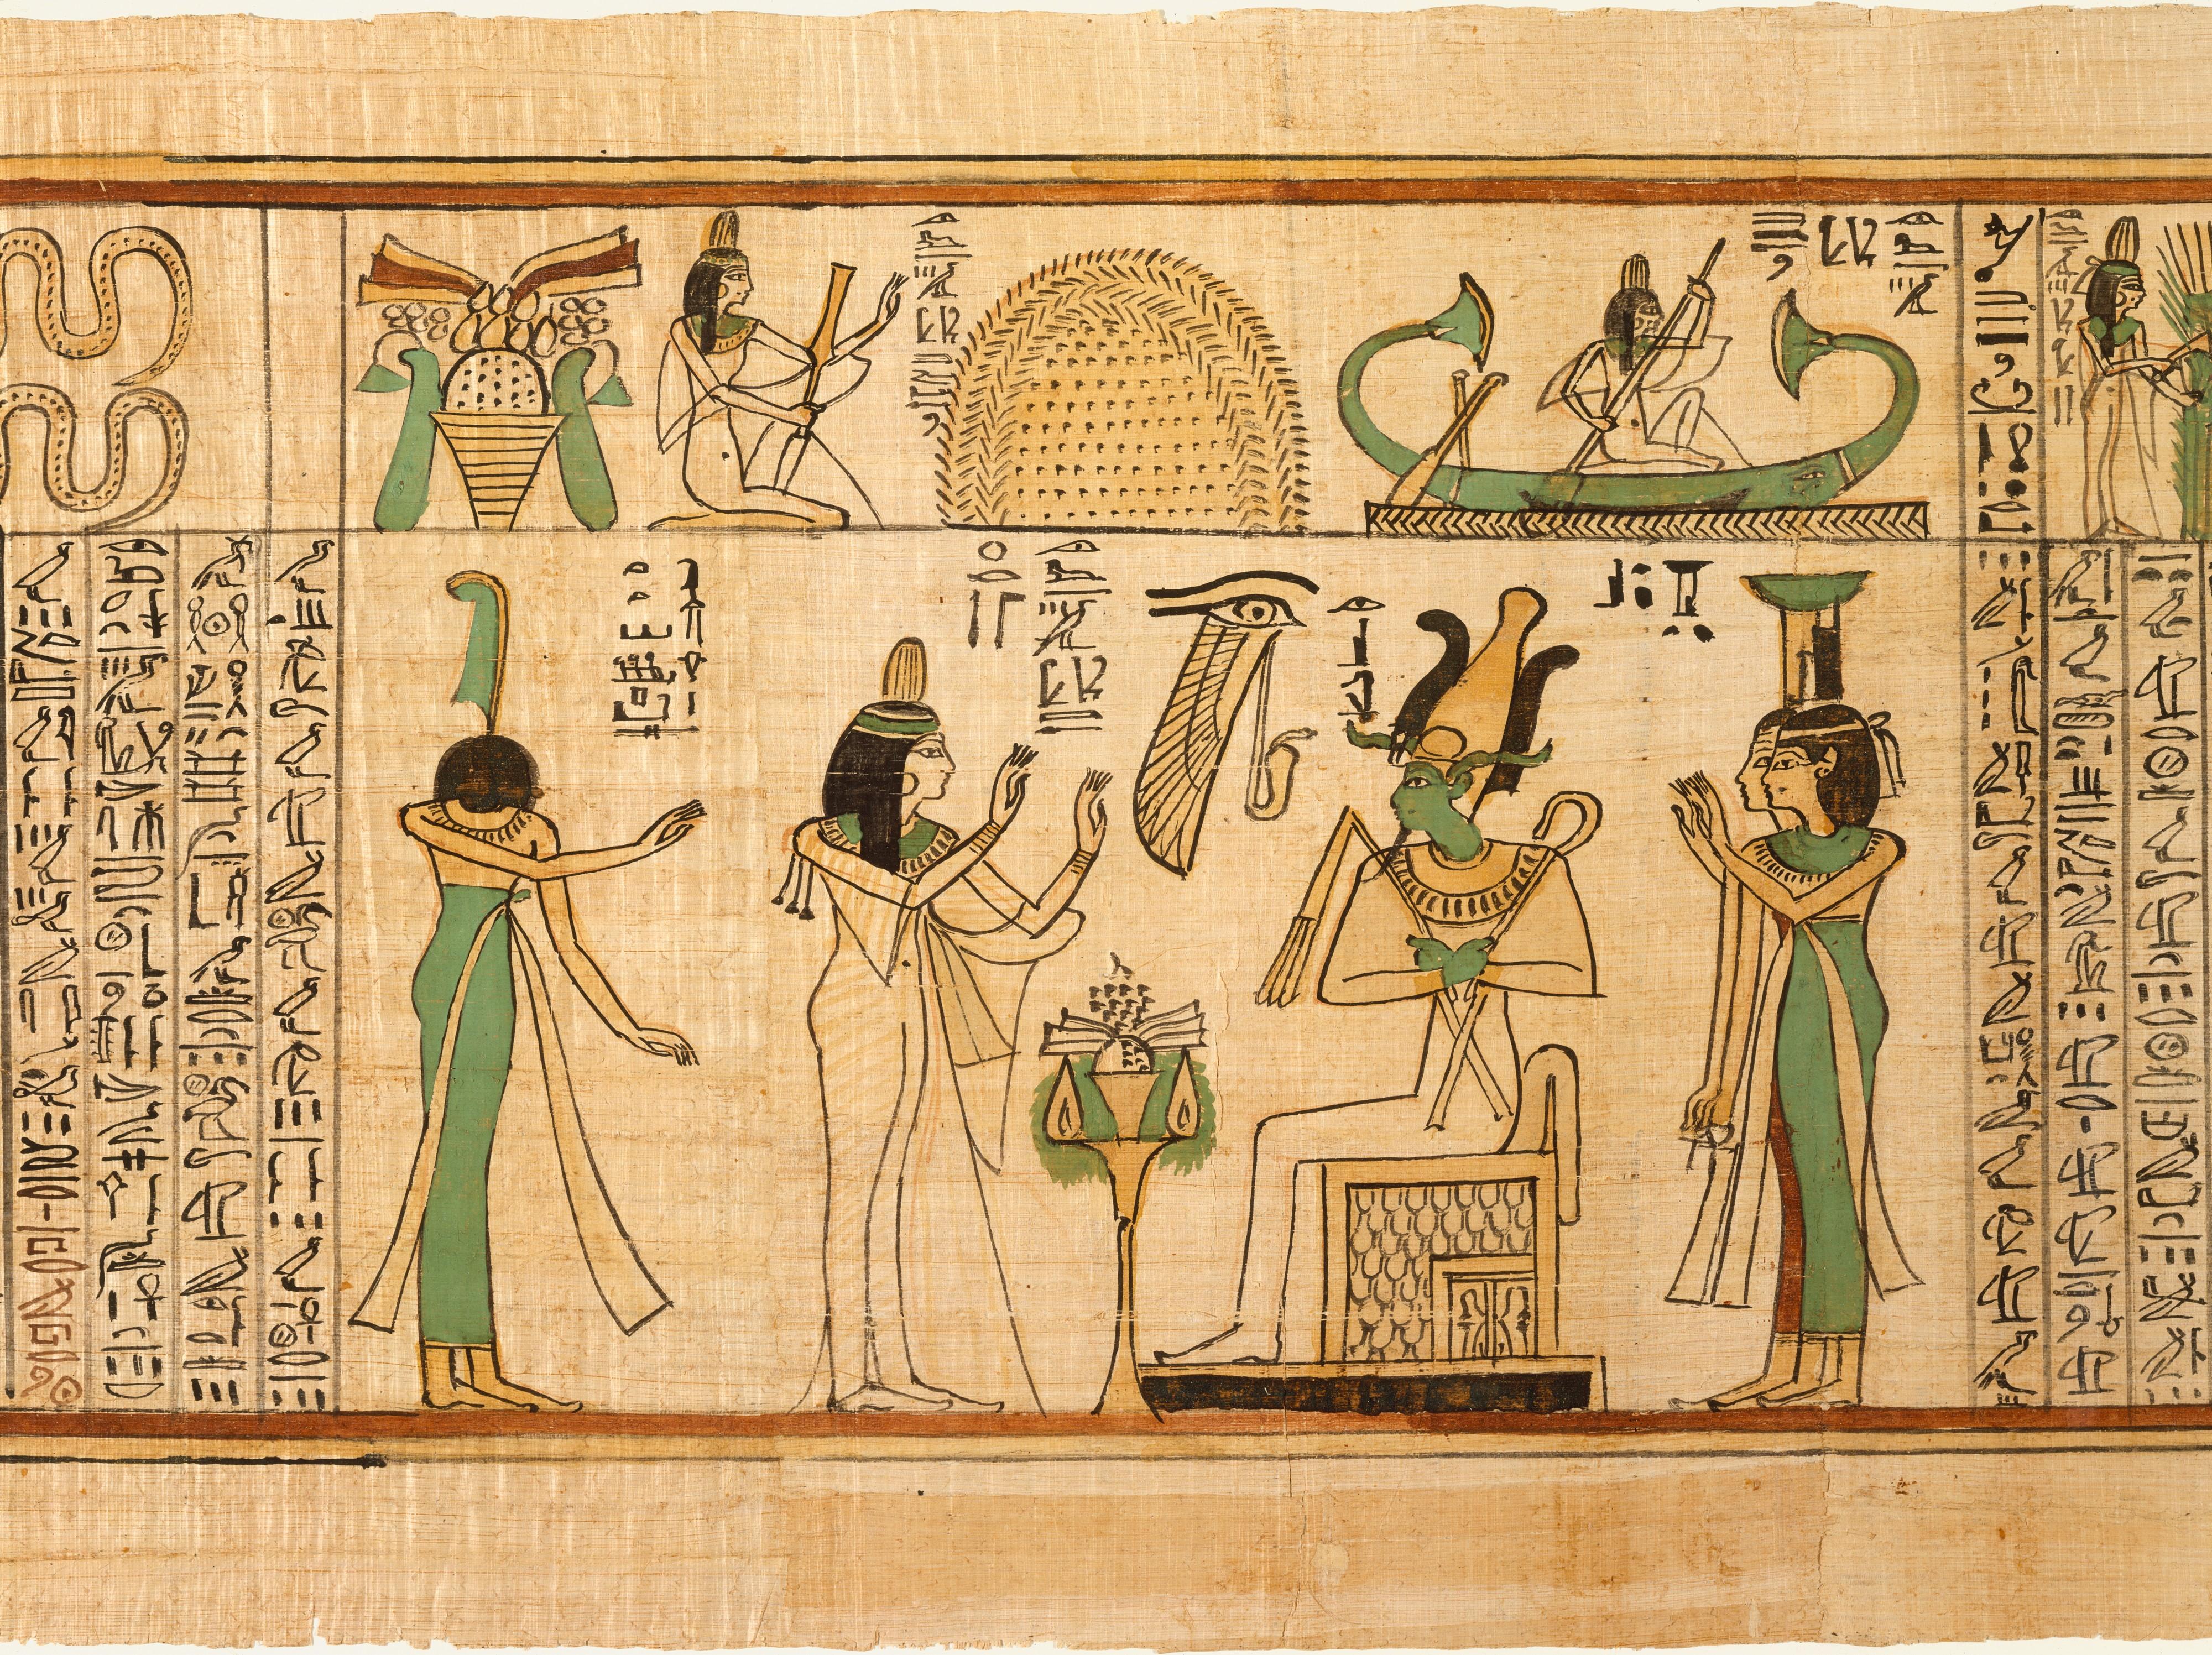 Ритуал миф и искусство древнего египта реферат 873